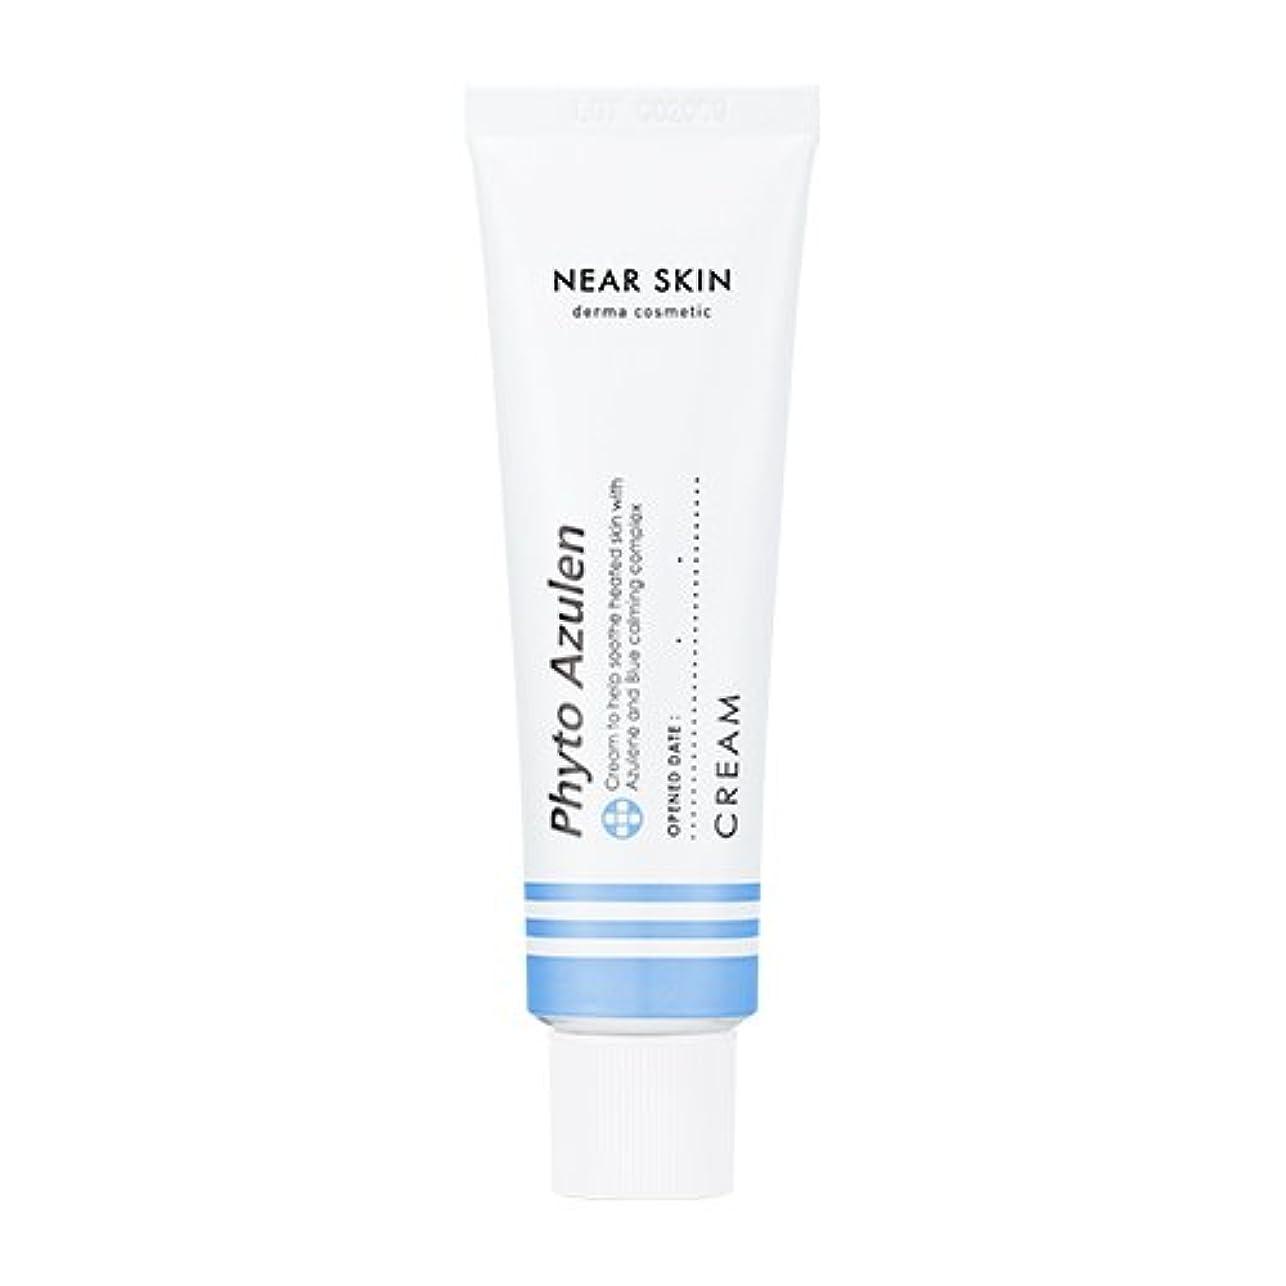 導入する二感性MISSHA [NEAR SKIN] Phyto Azulen Cream/ミシャ ニアスキン フィトアズレンクリーム 50ml [並行輸入品]